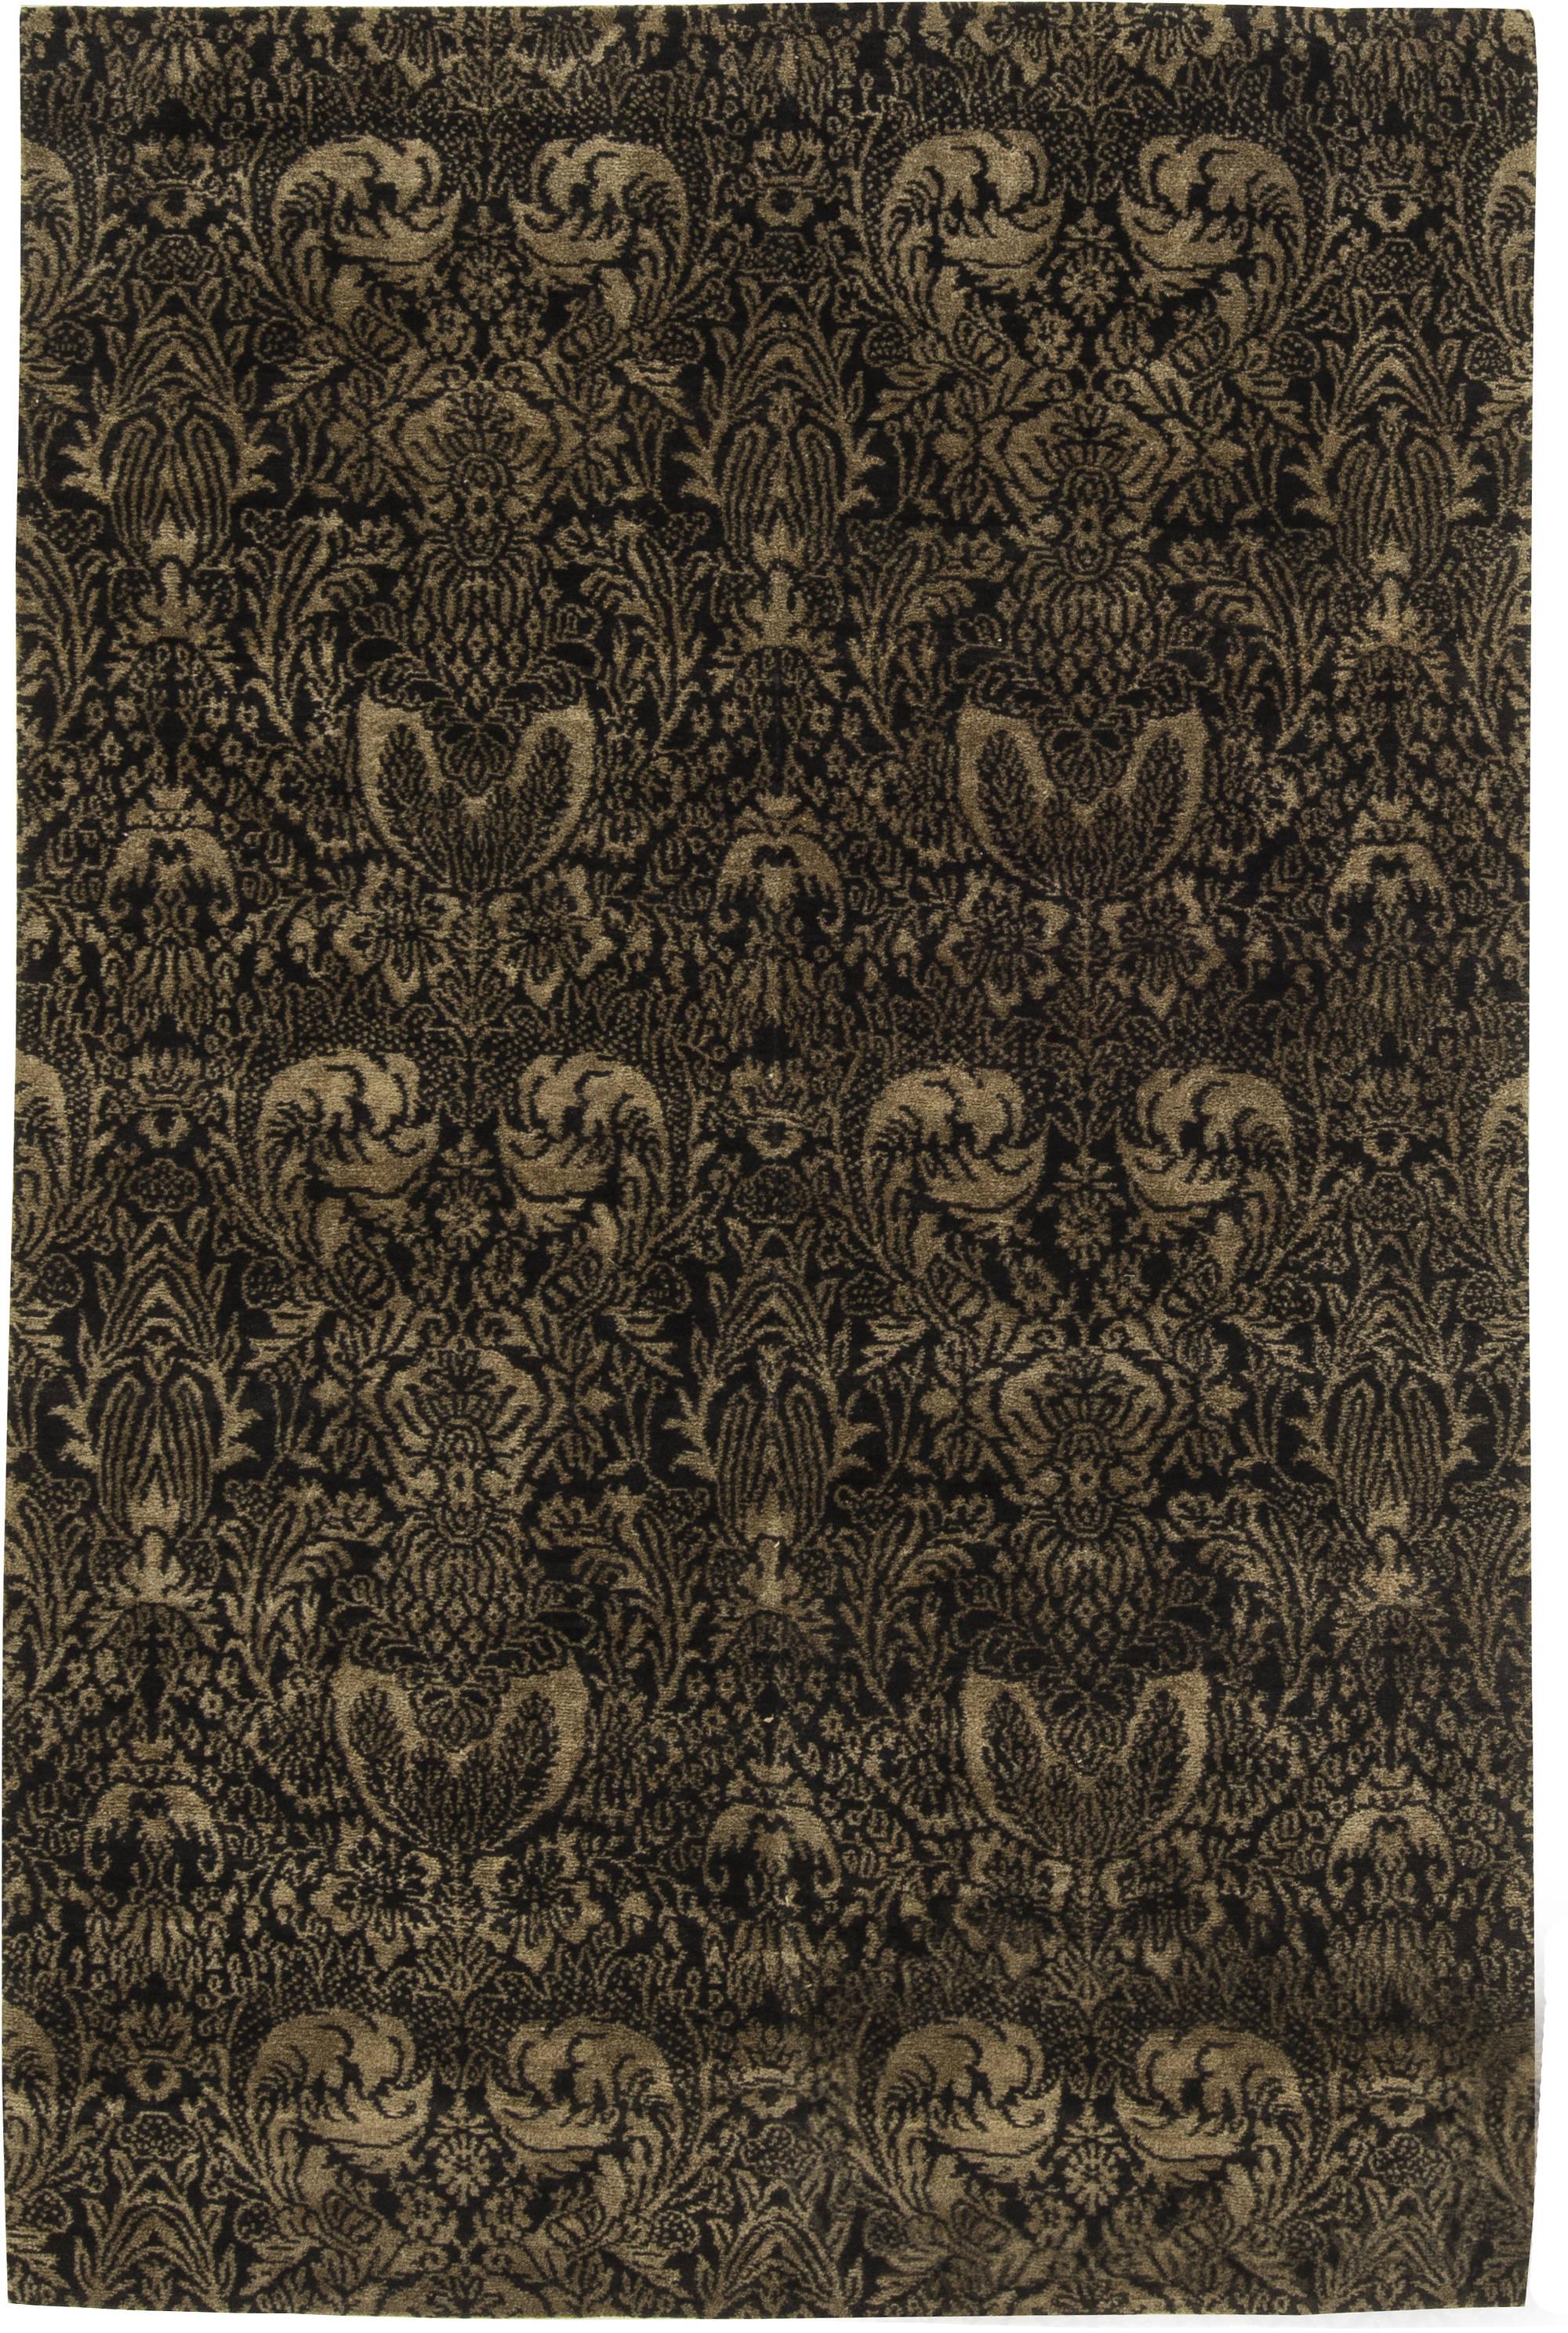 European Inspired Tibetan Rug N11568 By Dlb